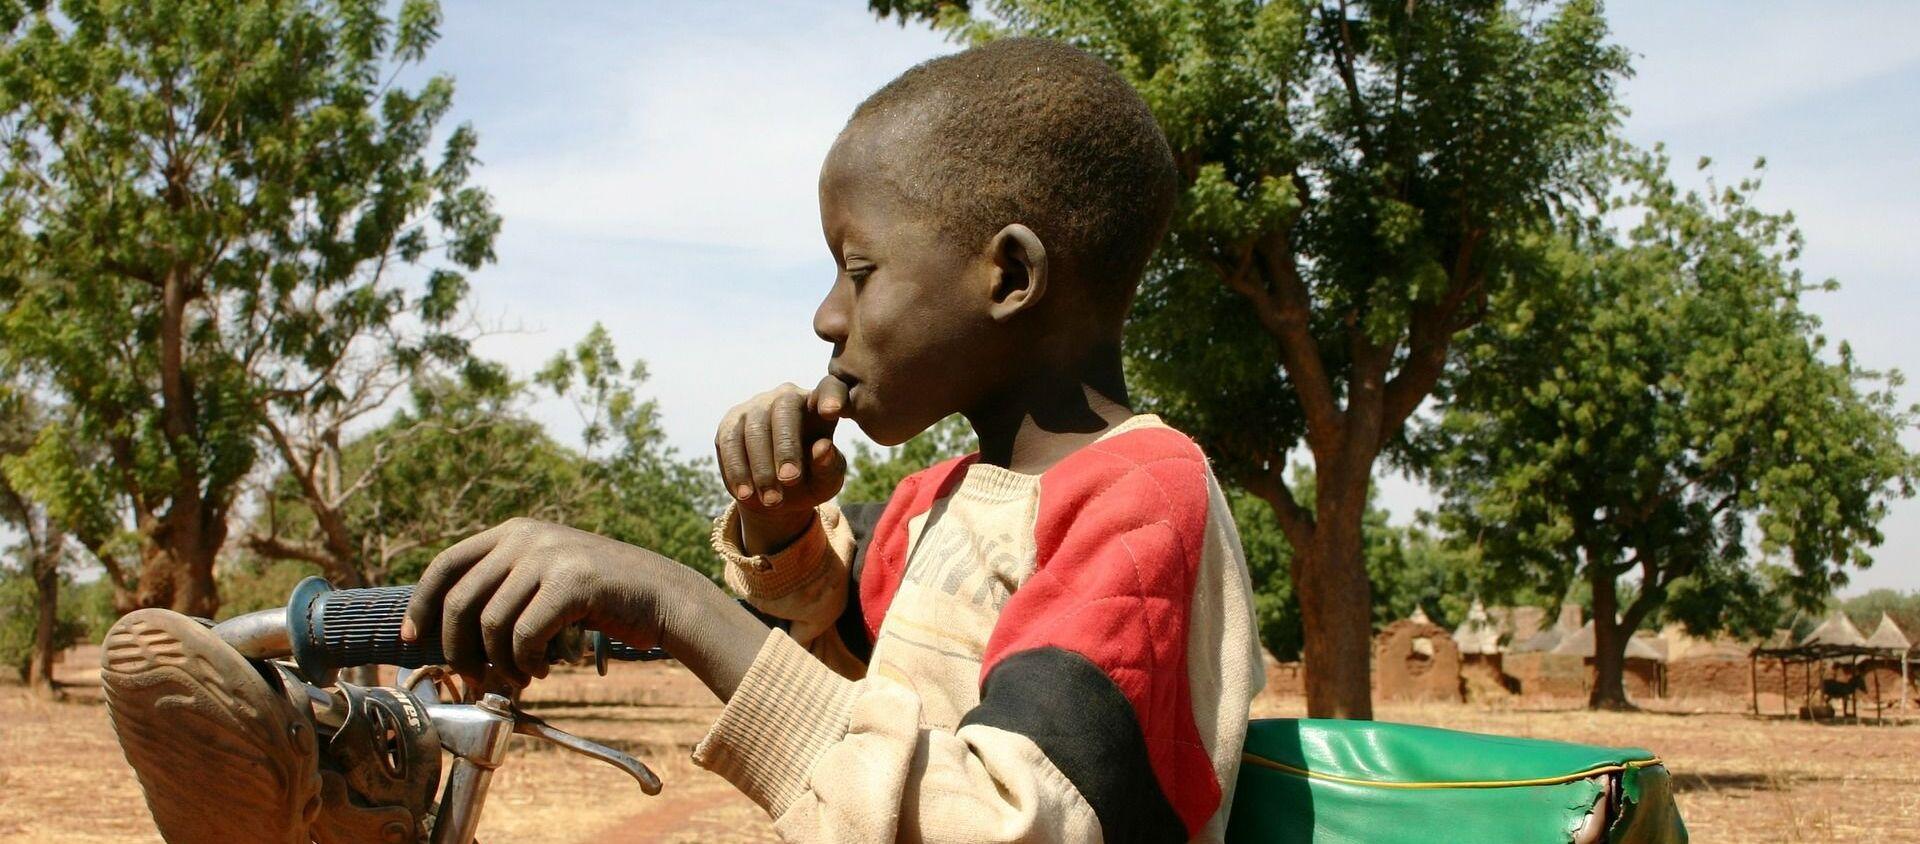 Burkina Faso Enfant - Sputnik France, 1920, 15.06.2021